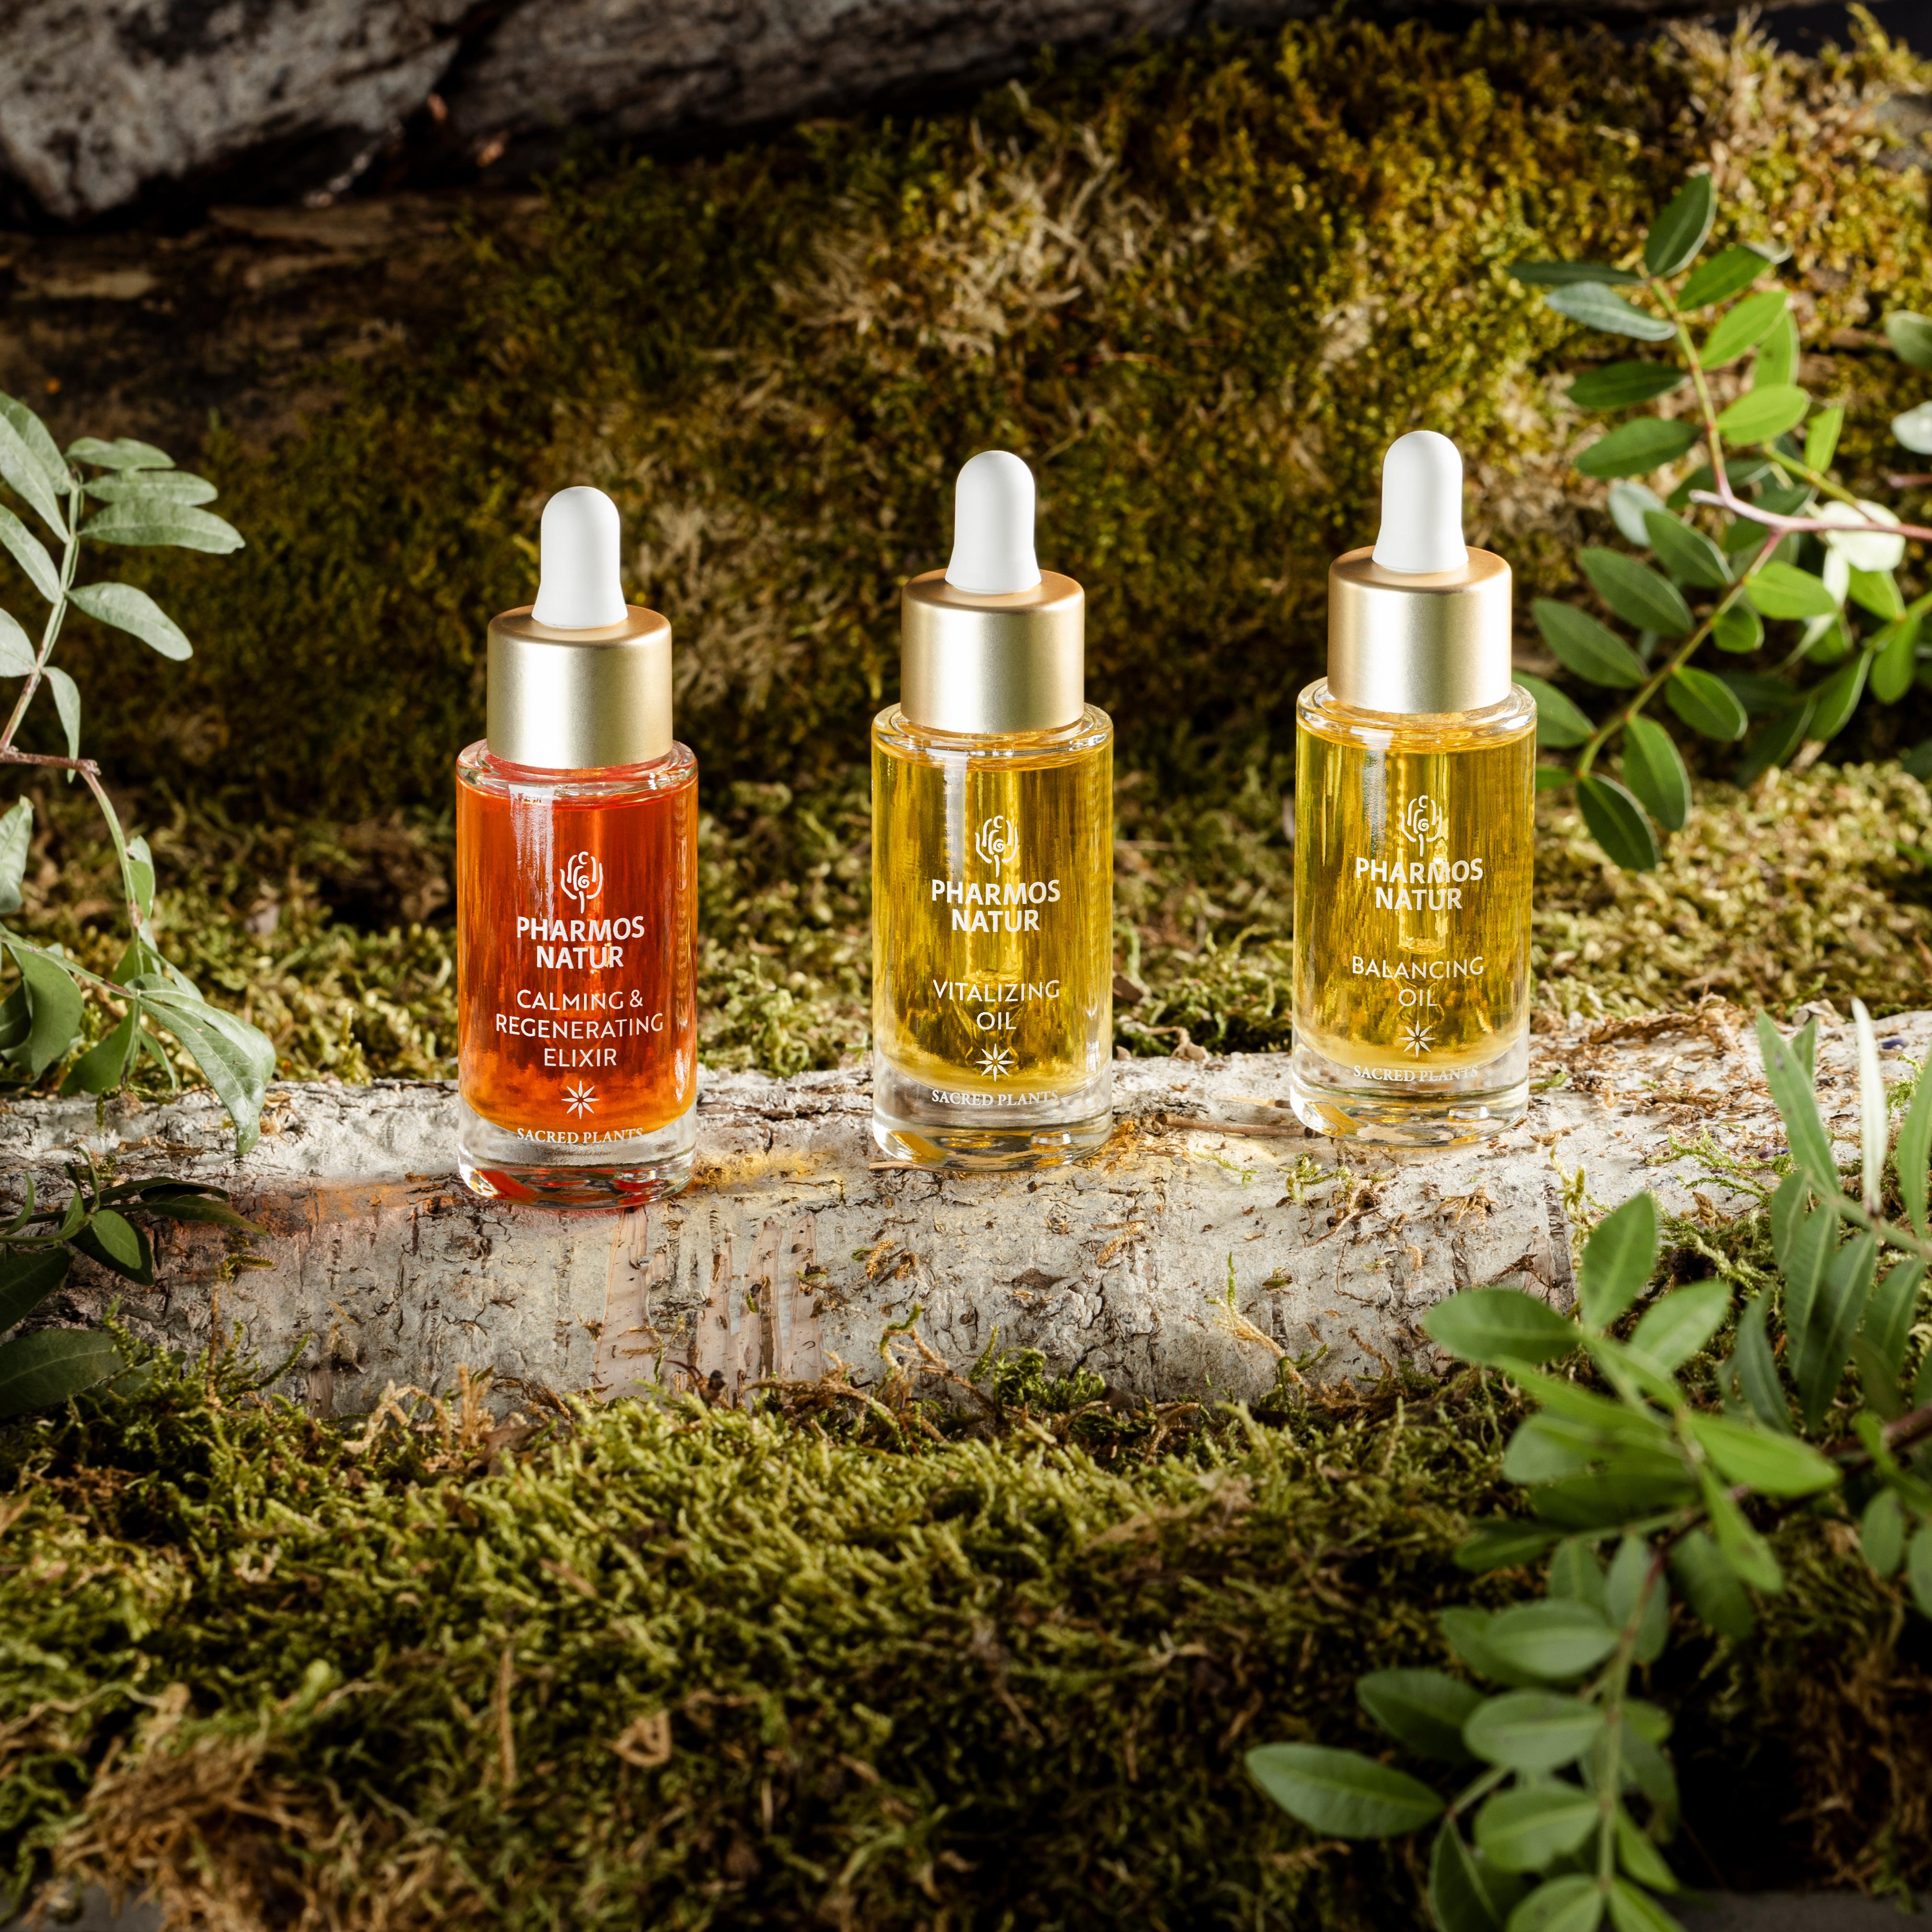 Drei Oil Seren auf einem Holzstamm mit Moos und Blättern